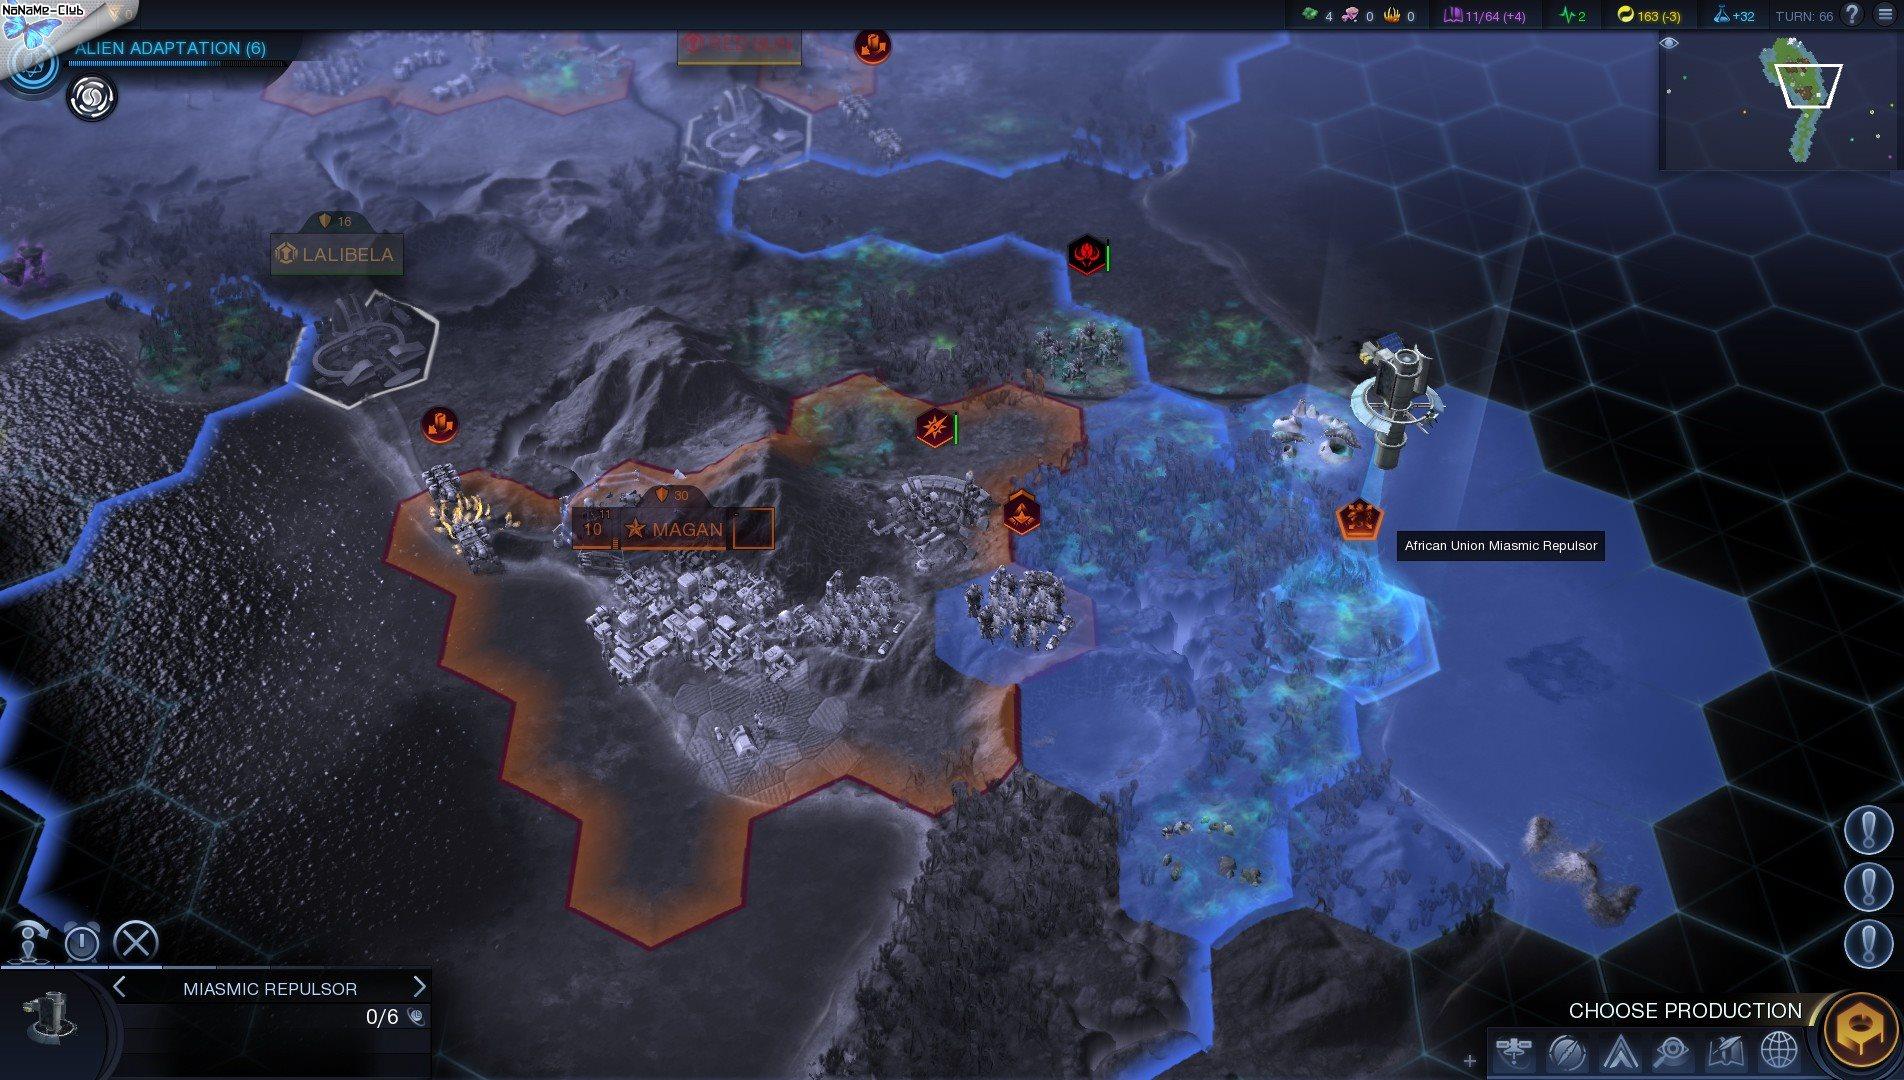 Sid Meier's Civilization: Beyond Earth Ru/En (1.1.0.1043/dlc) Repack R.G. Механики PC (2014) скачать торрент бесплатно